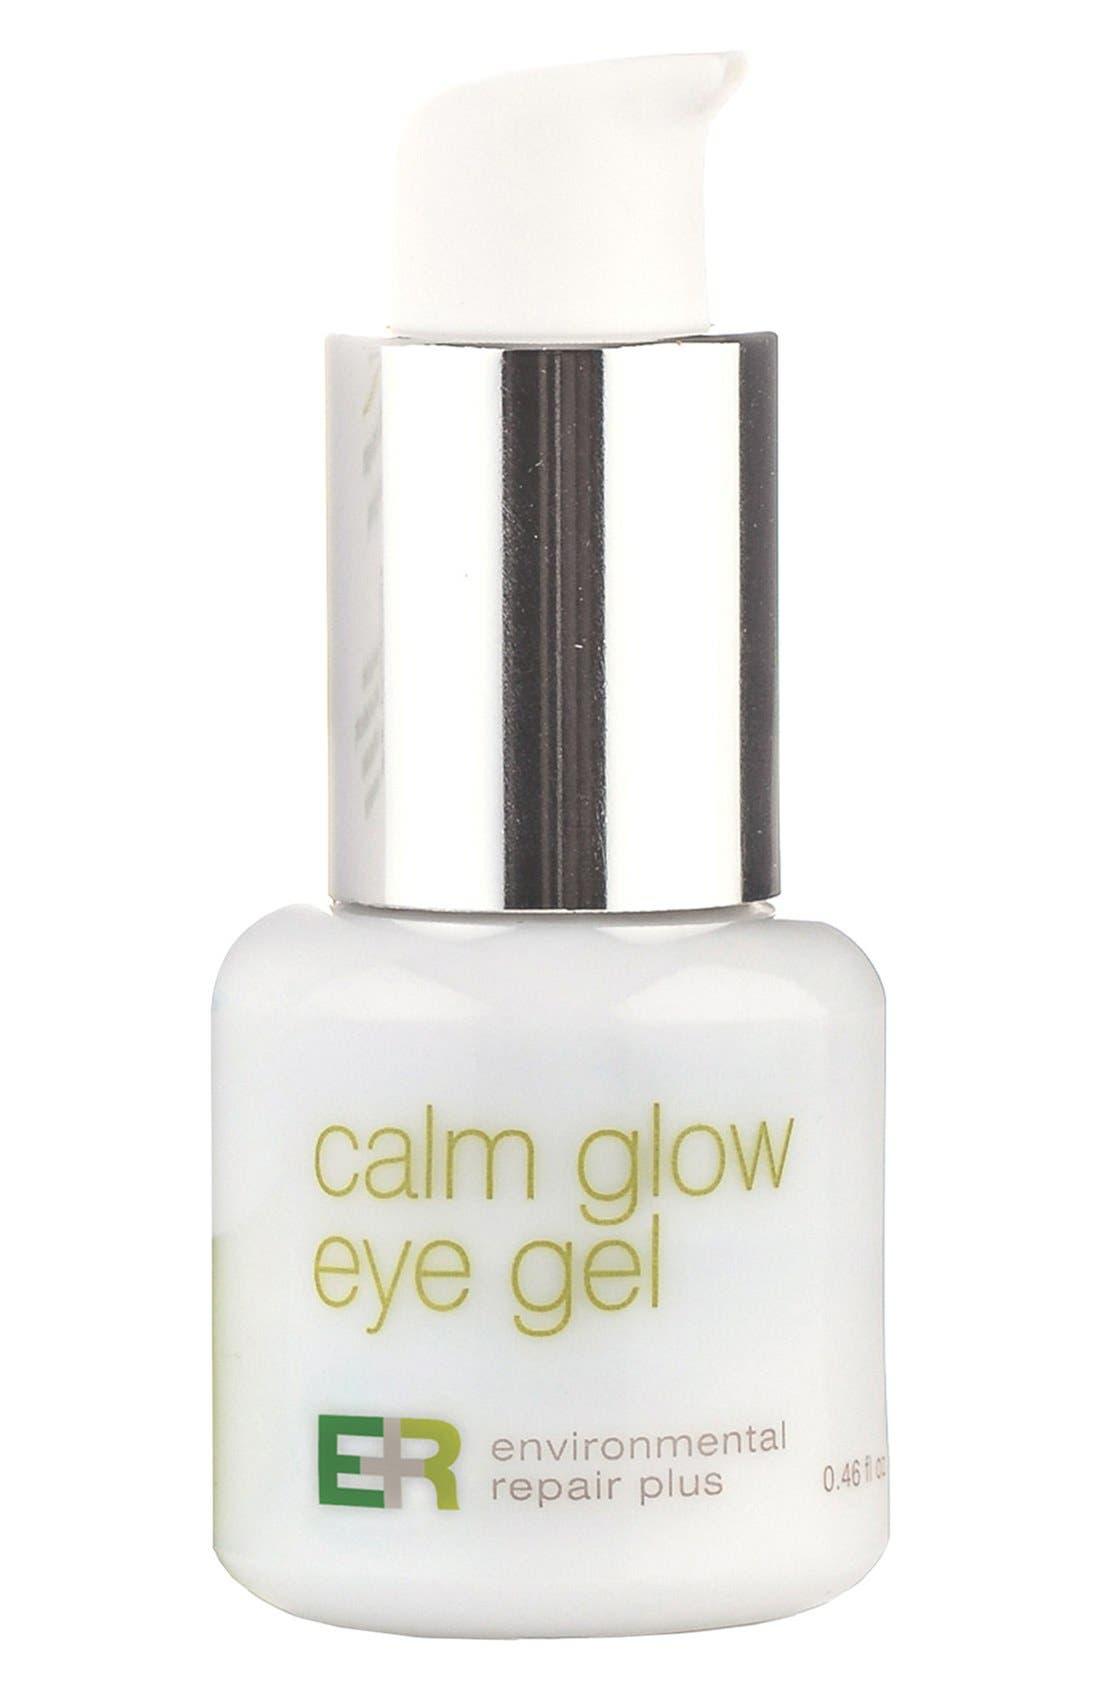 COOLA® Suncare Environmental Repair Plus® Calm Glow™ Eye Gel